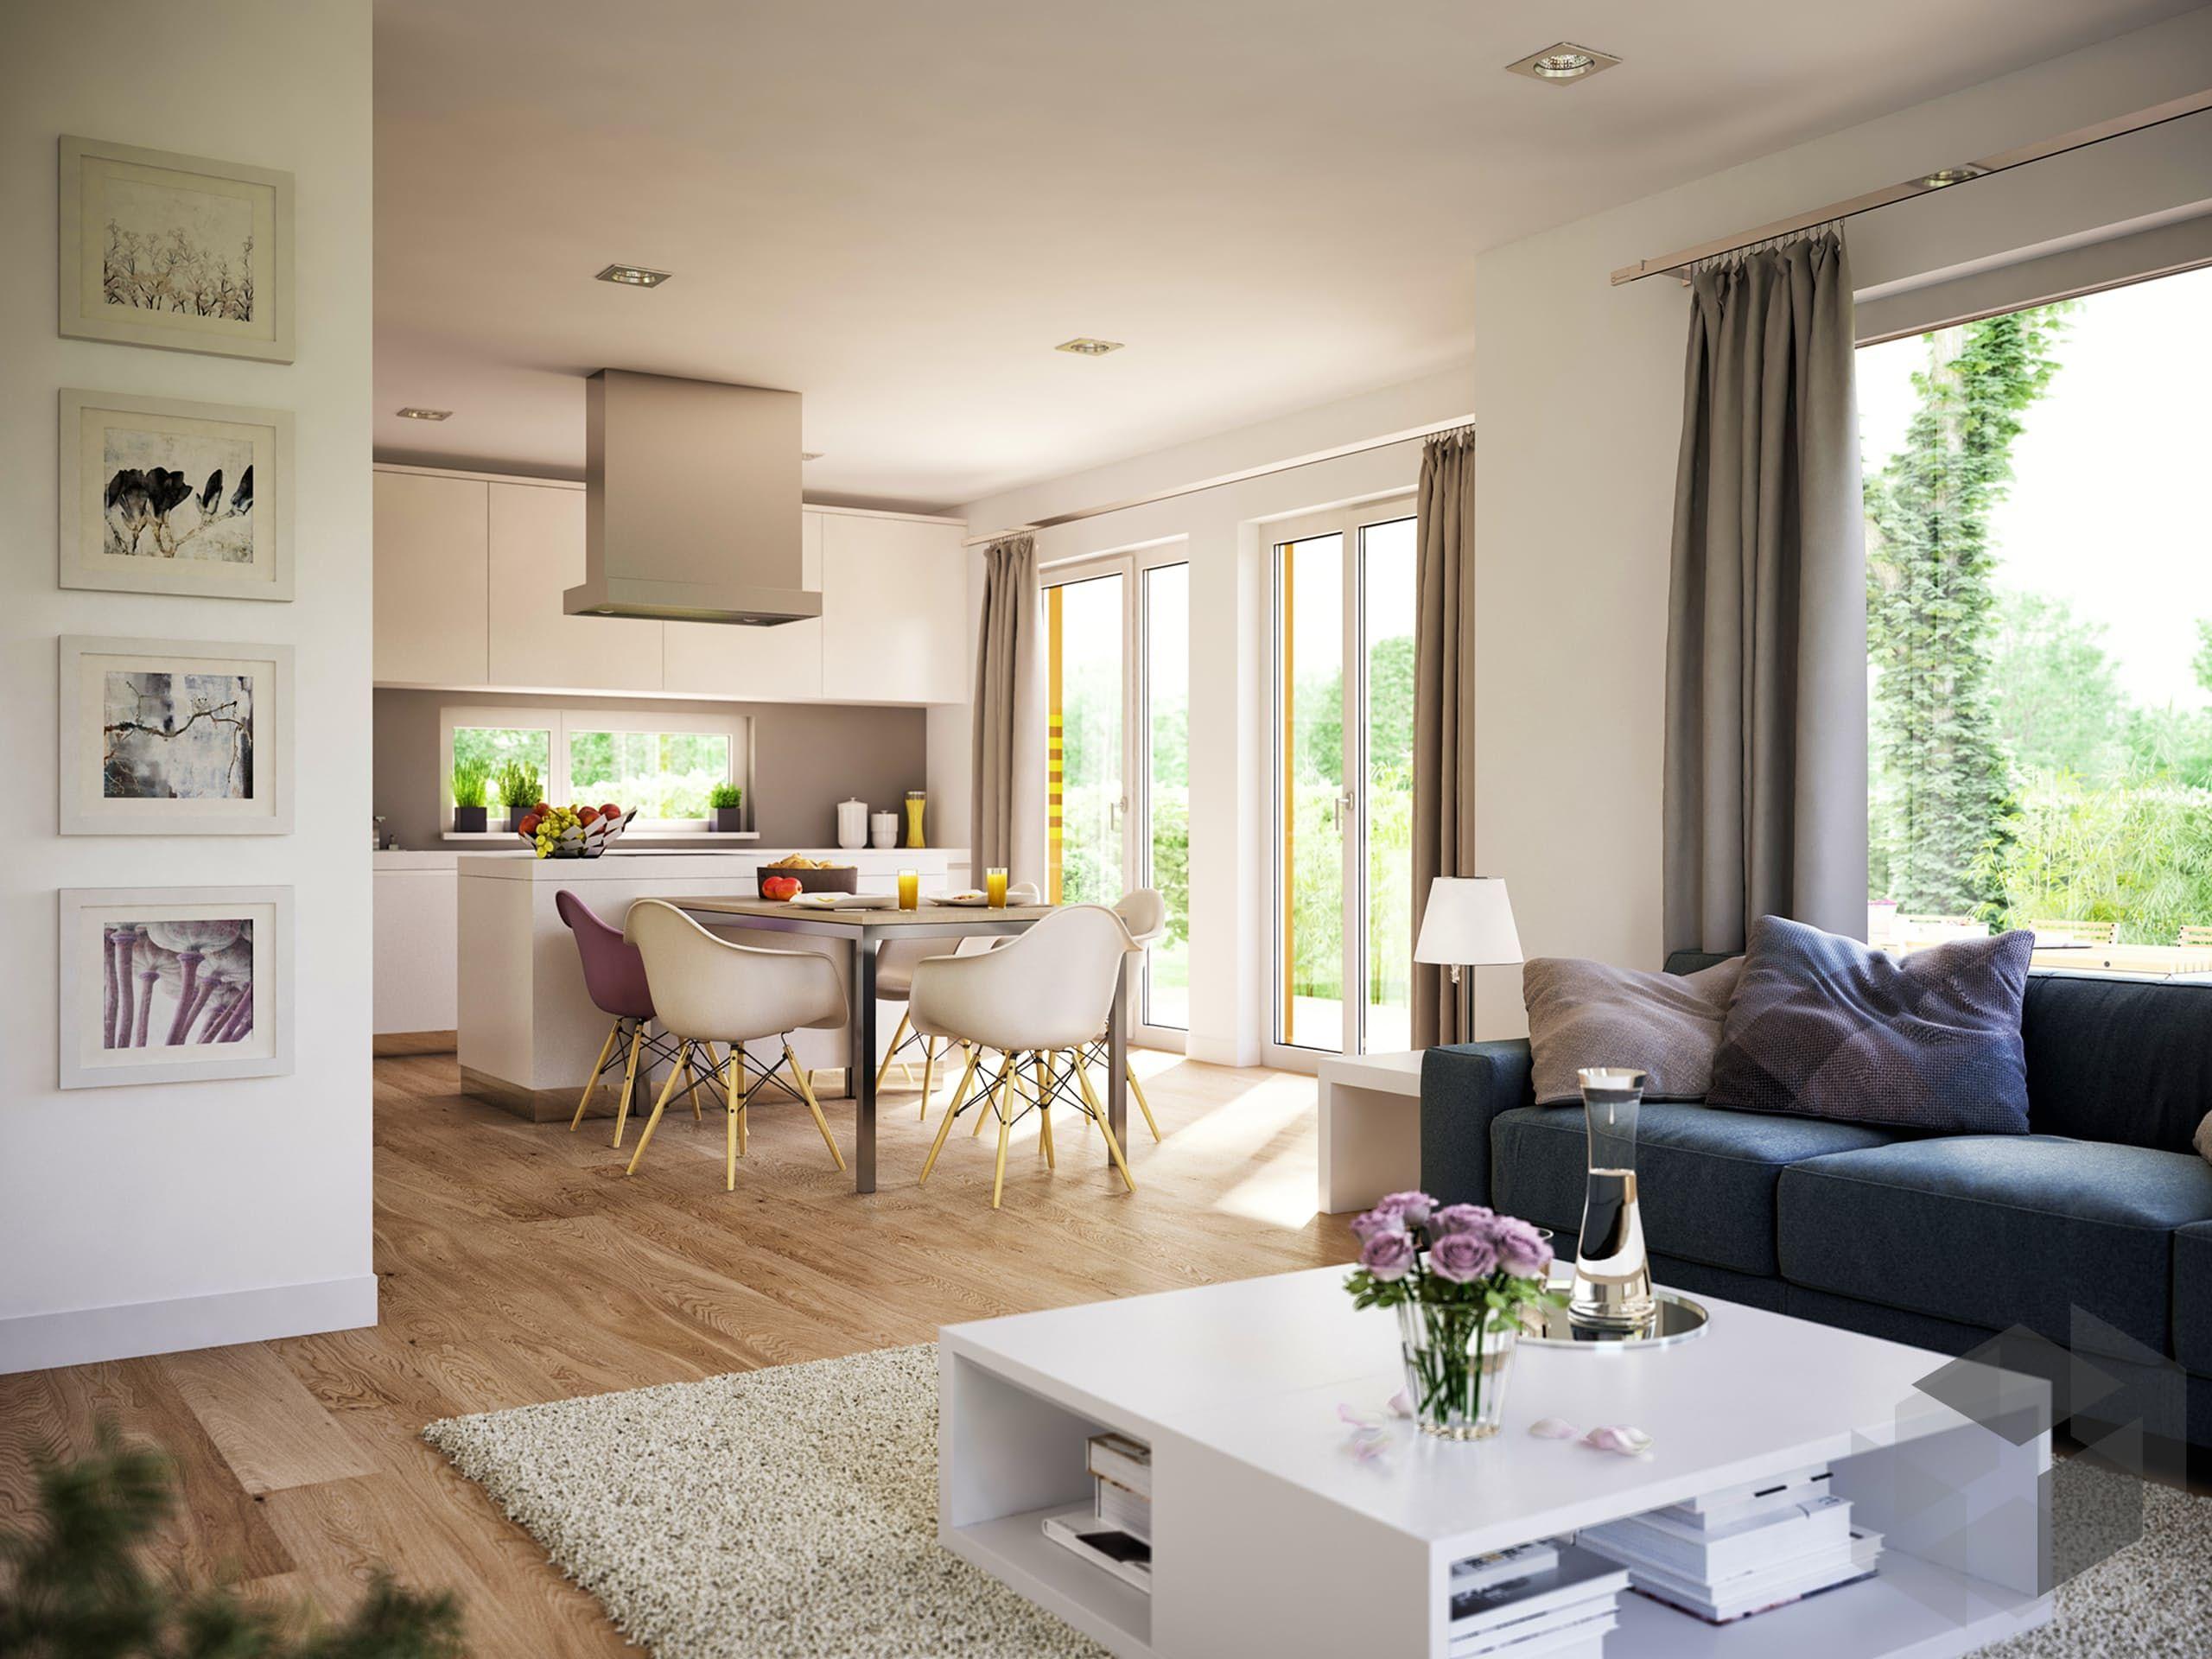 Pin auf Wohnzimmer-Ideen  Inspirationen für die Wohnstube und